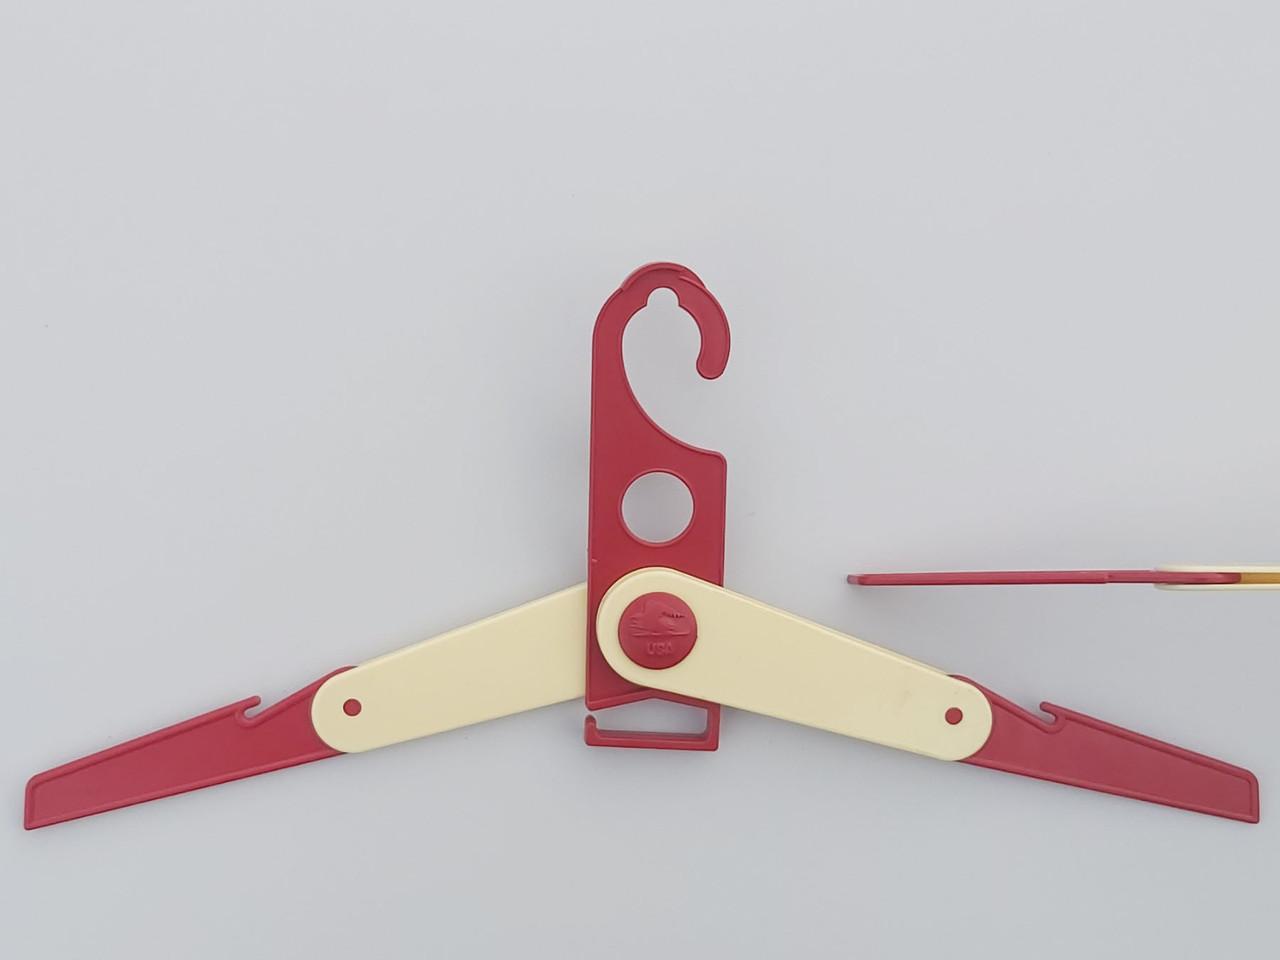 Длина 40 см. Плечики вешалки пластмассовые складные (командировочные) красного цвета